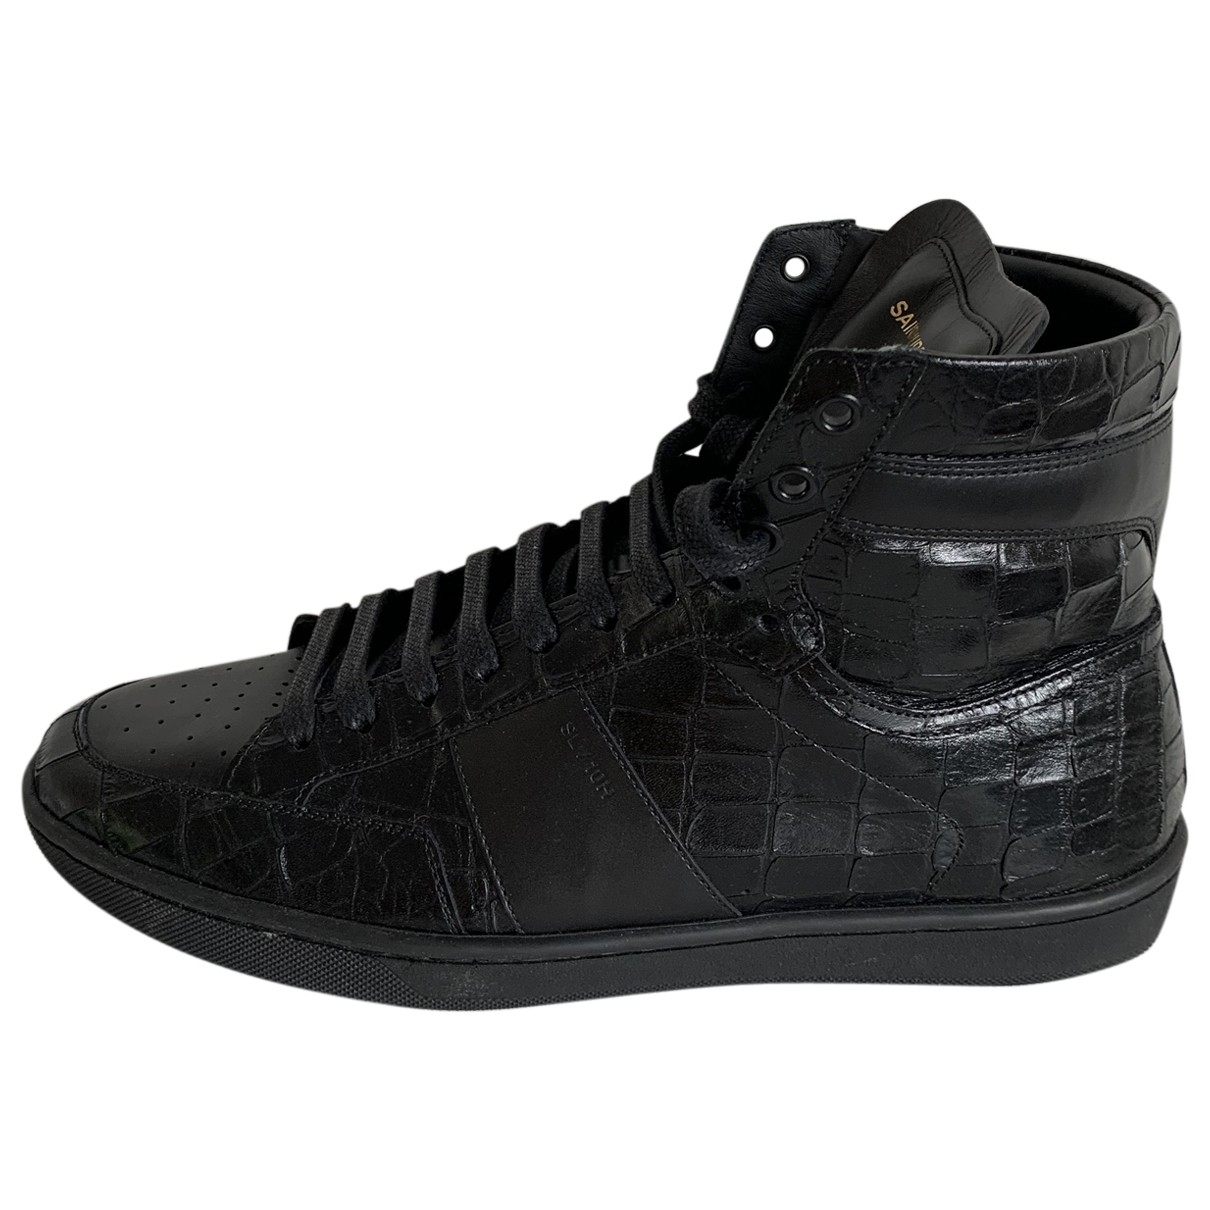 Saint Laurent - Baskets   pour homme en cuir - noir